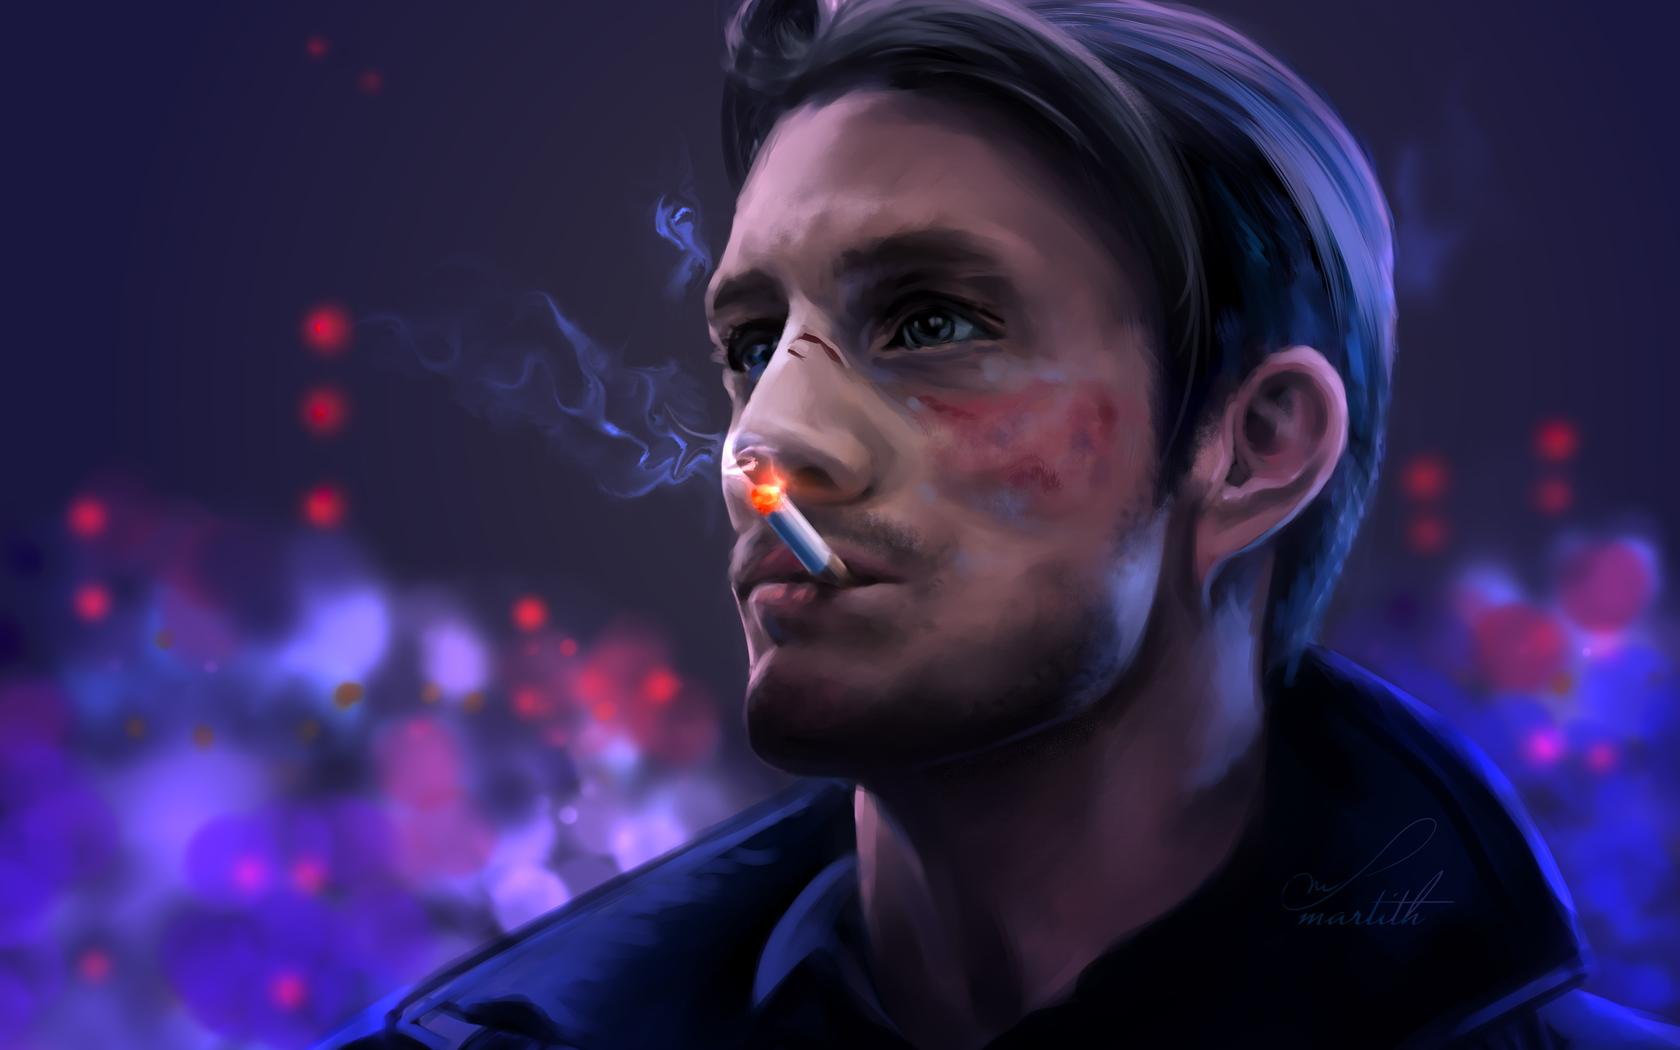 smoking-guy-3x.jpg